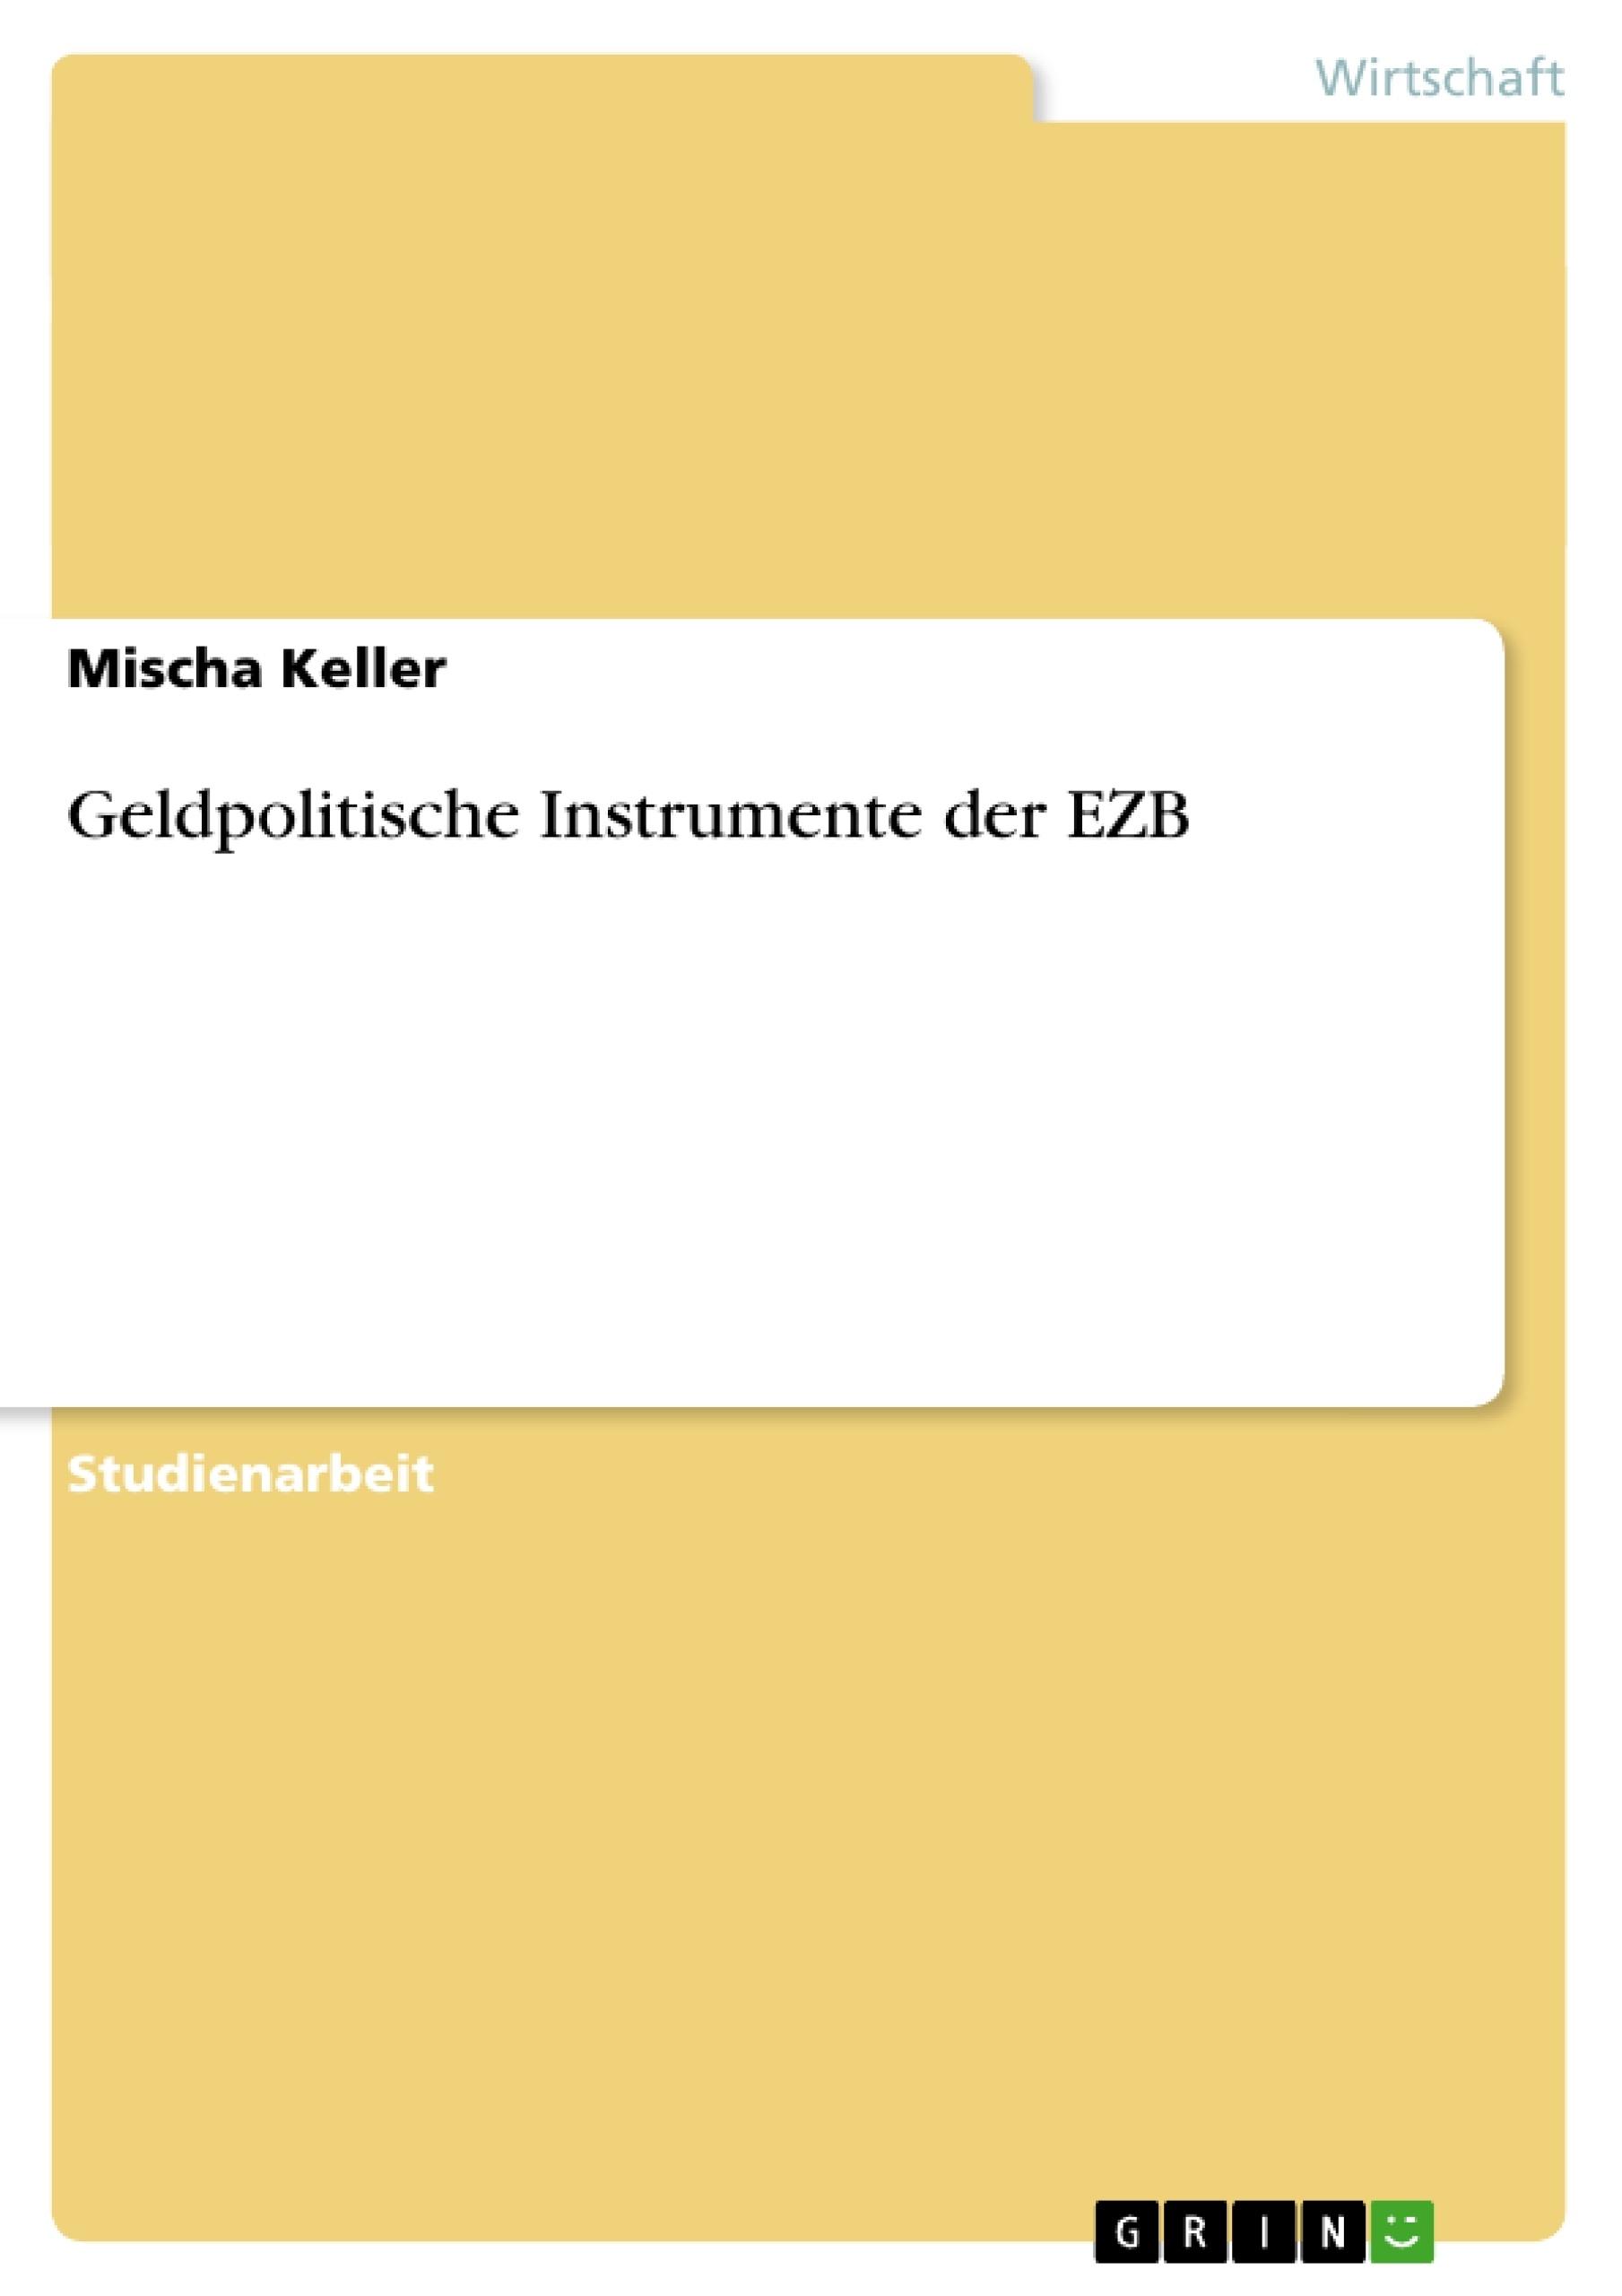 Titel: Geldpolitische Instrumente der EZB